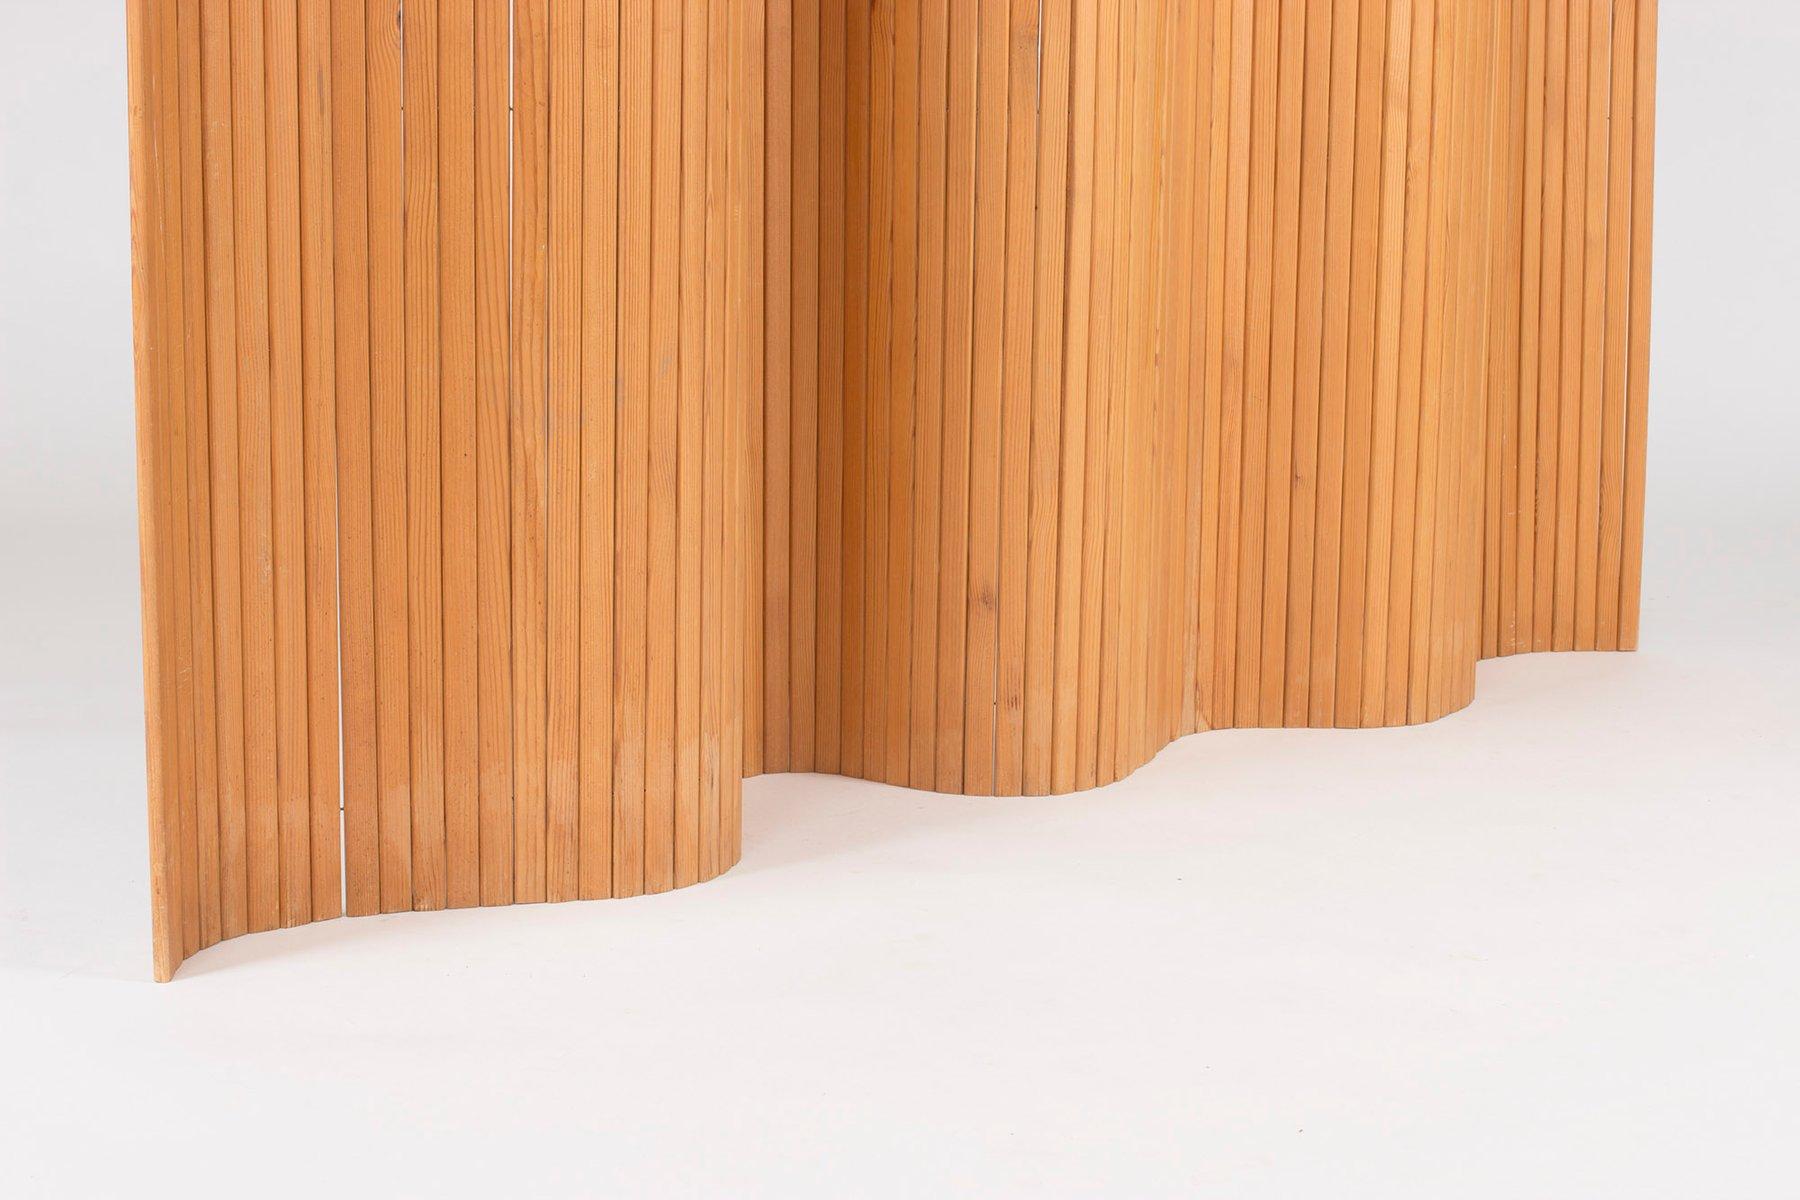 Raumteiler aus Kiefernholz von Alvar Aalto, 1940er bei Pamono kaufen